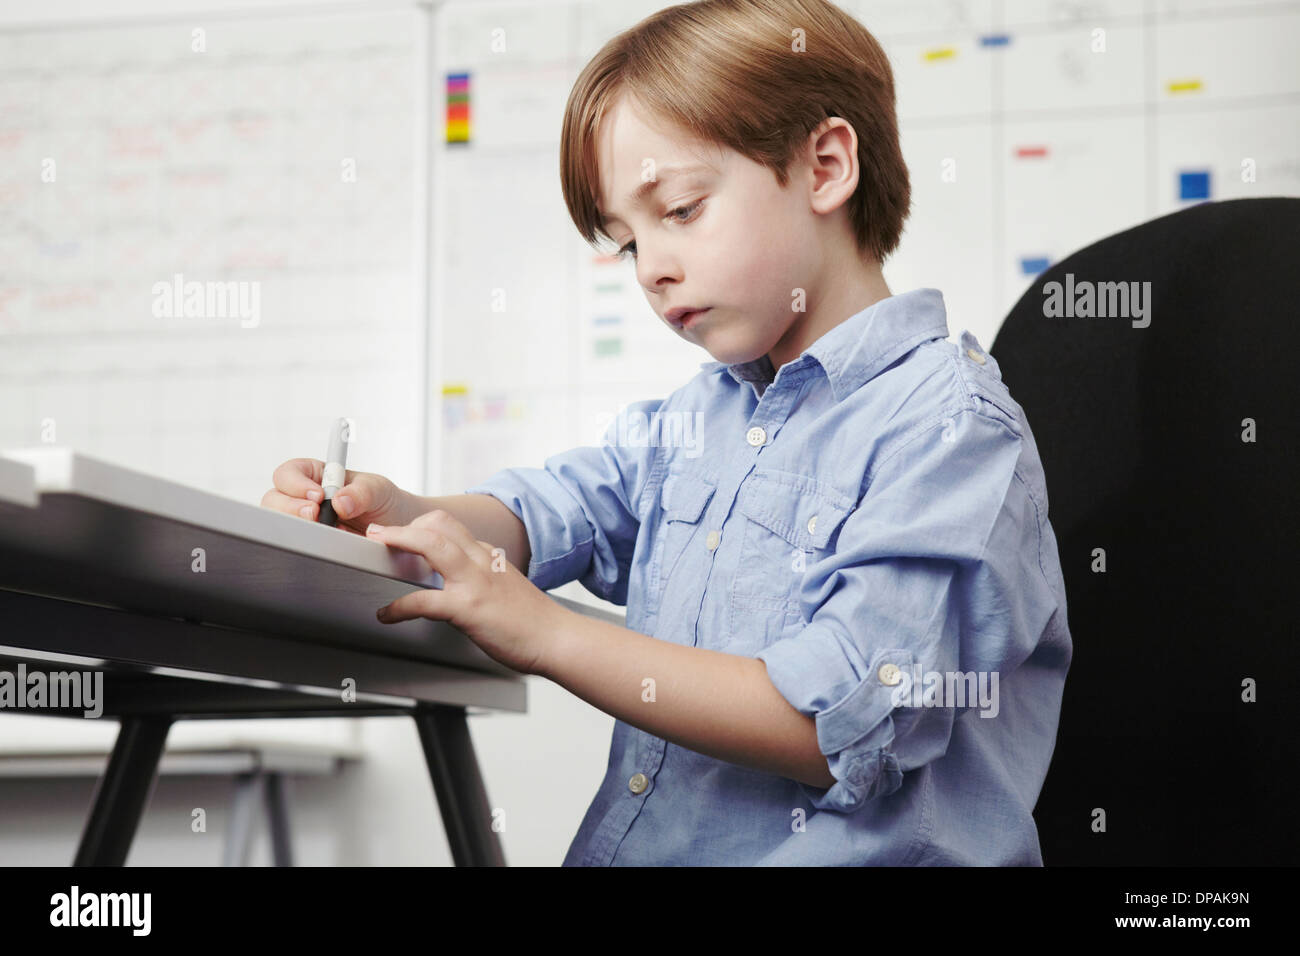 Junge schreiben am Schreibtisch im Büro Stockbild